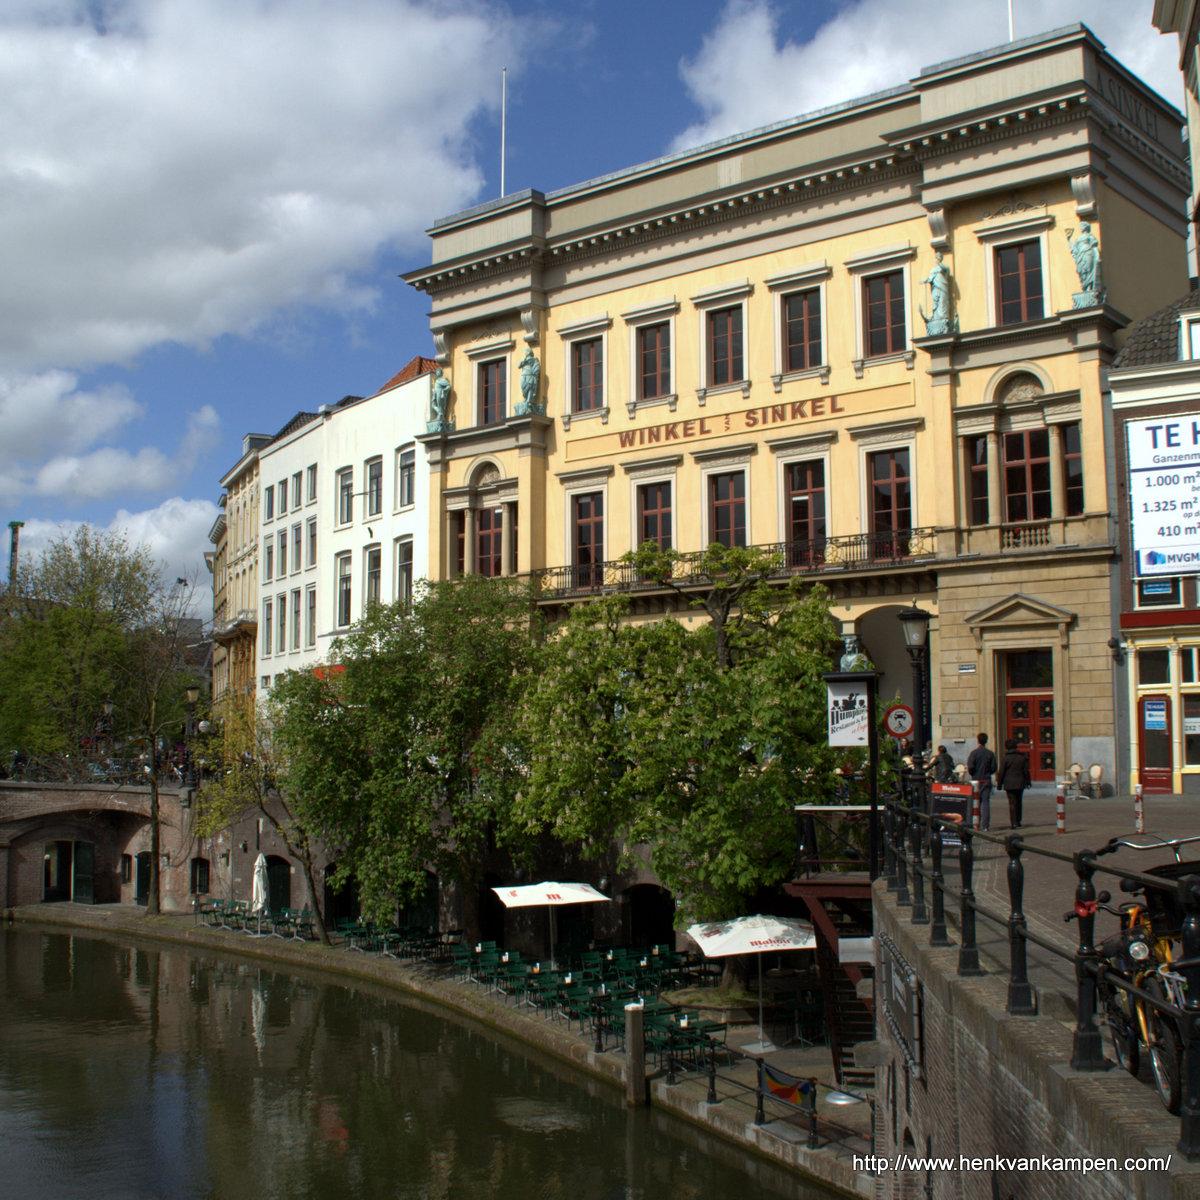 Winkel van Sinkel, Oude Gracht, Utrecht